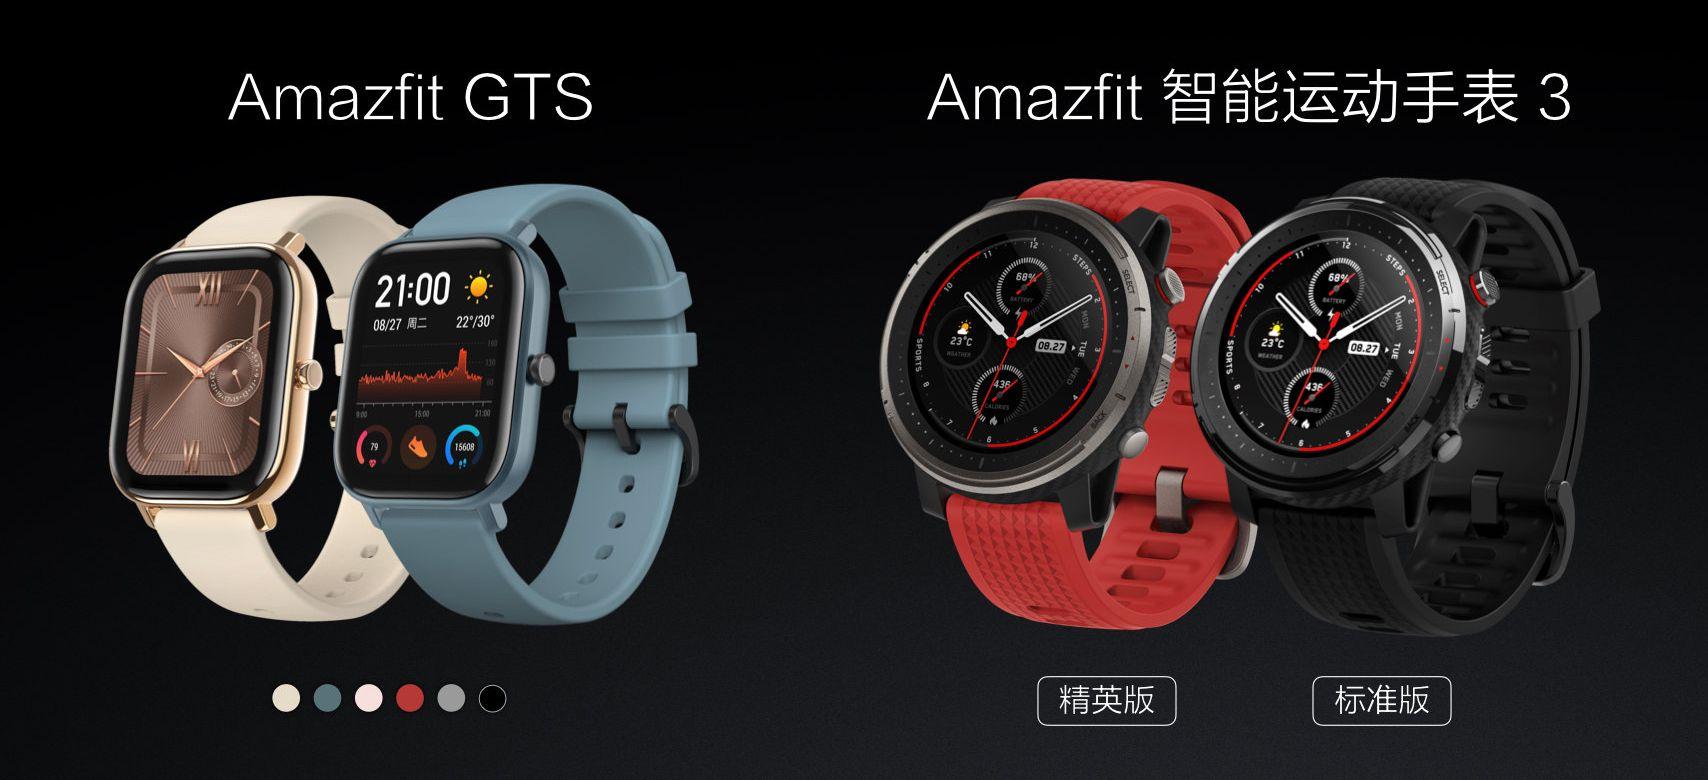 Vételre ajánlva – Kritikus frissítés érkezett a Xiaomi sportóráihoz 2